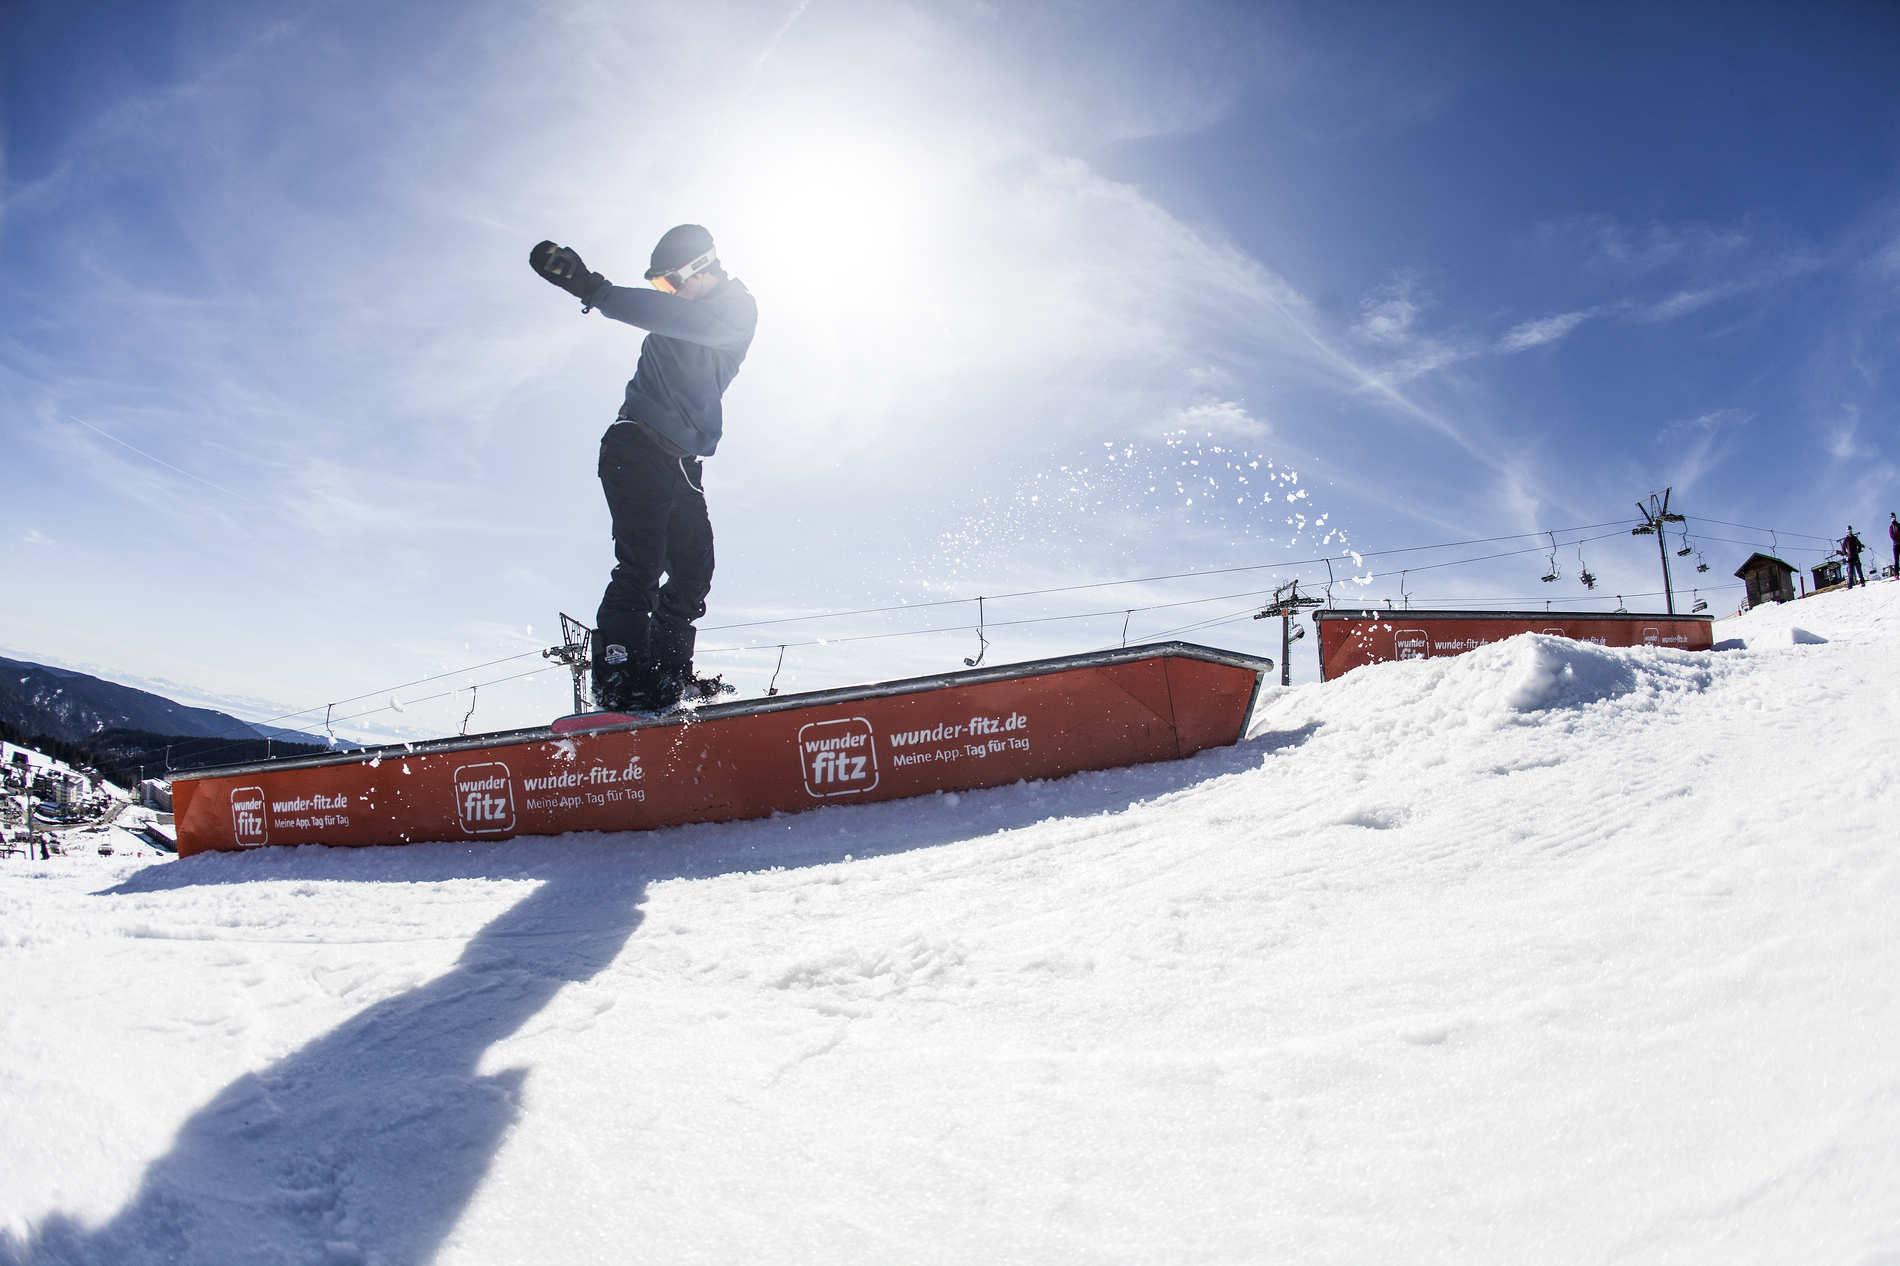 web snowpark feldberg 11 03 2017 action sb jure gradic martin herrmann qparks 49